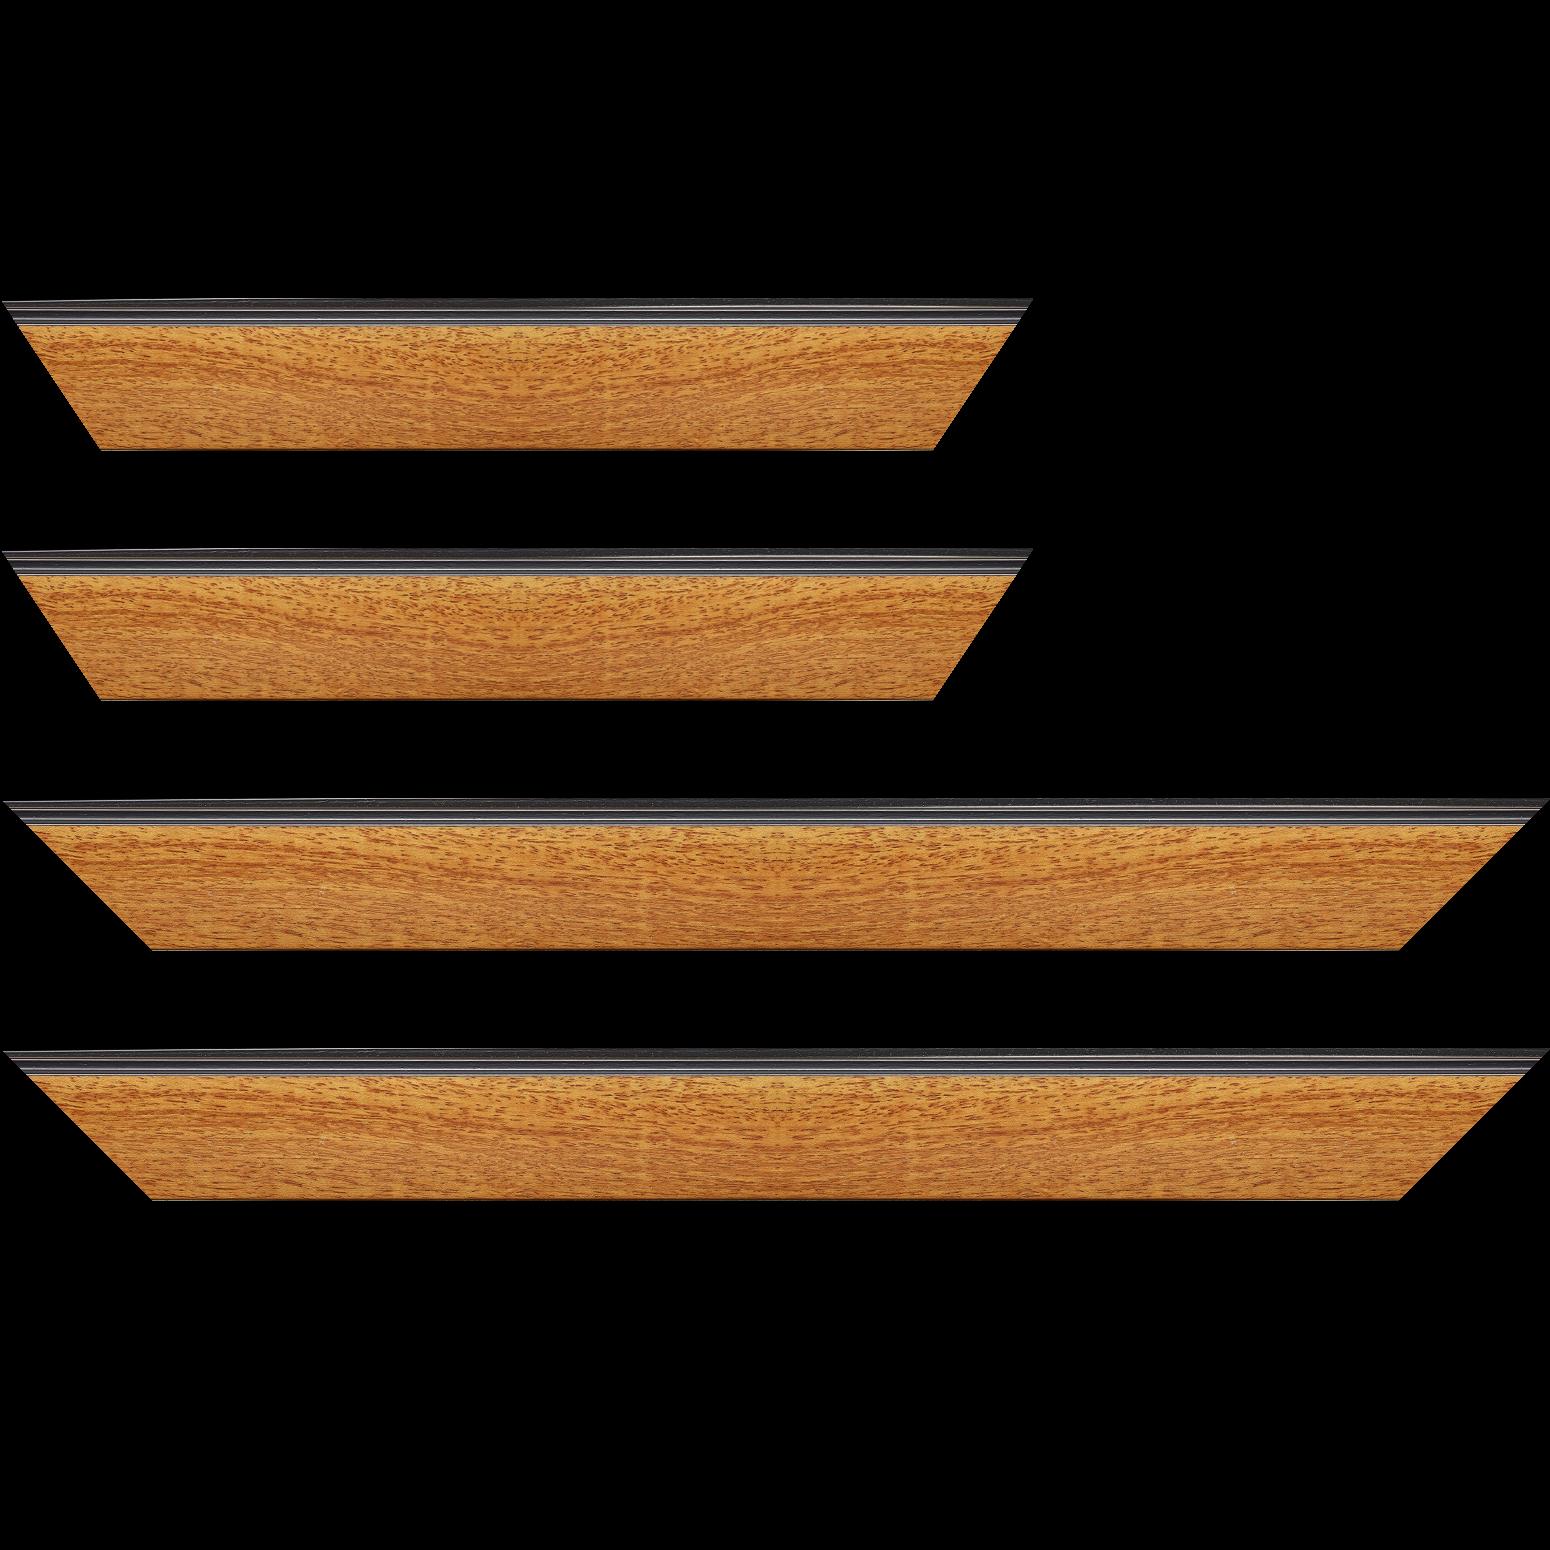 Baguette service précoupé Bois profil en pente méplat largeur 4.8cm couleur merisier satiné surligné par une gorge extérieure noire : originalité et élégance assurée